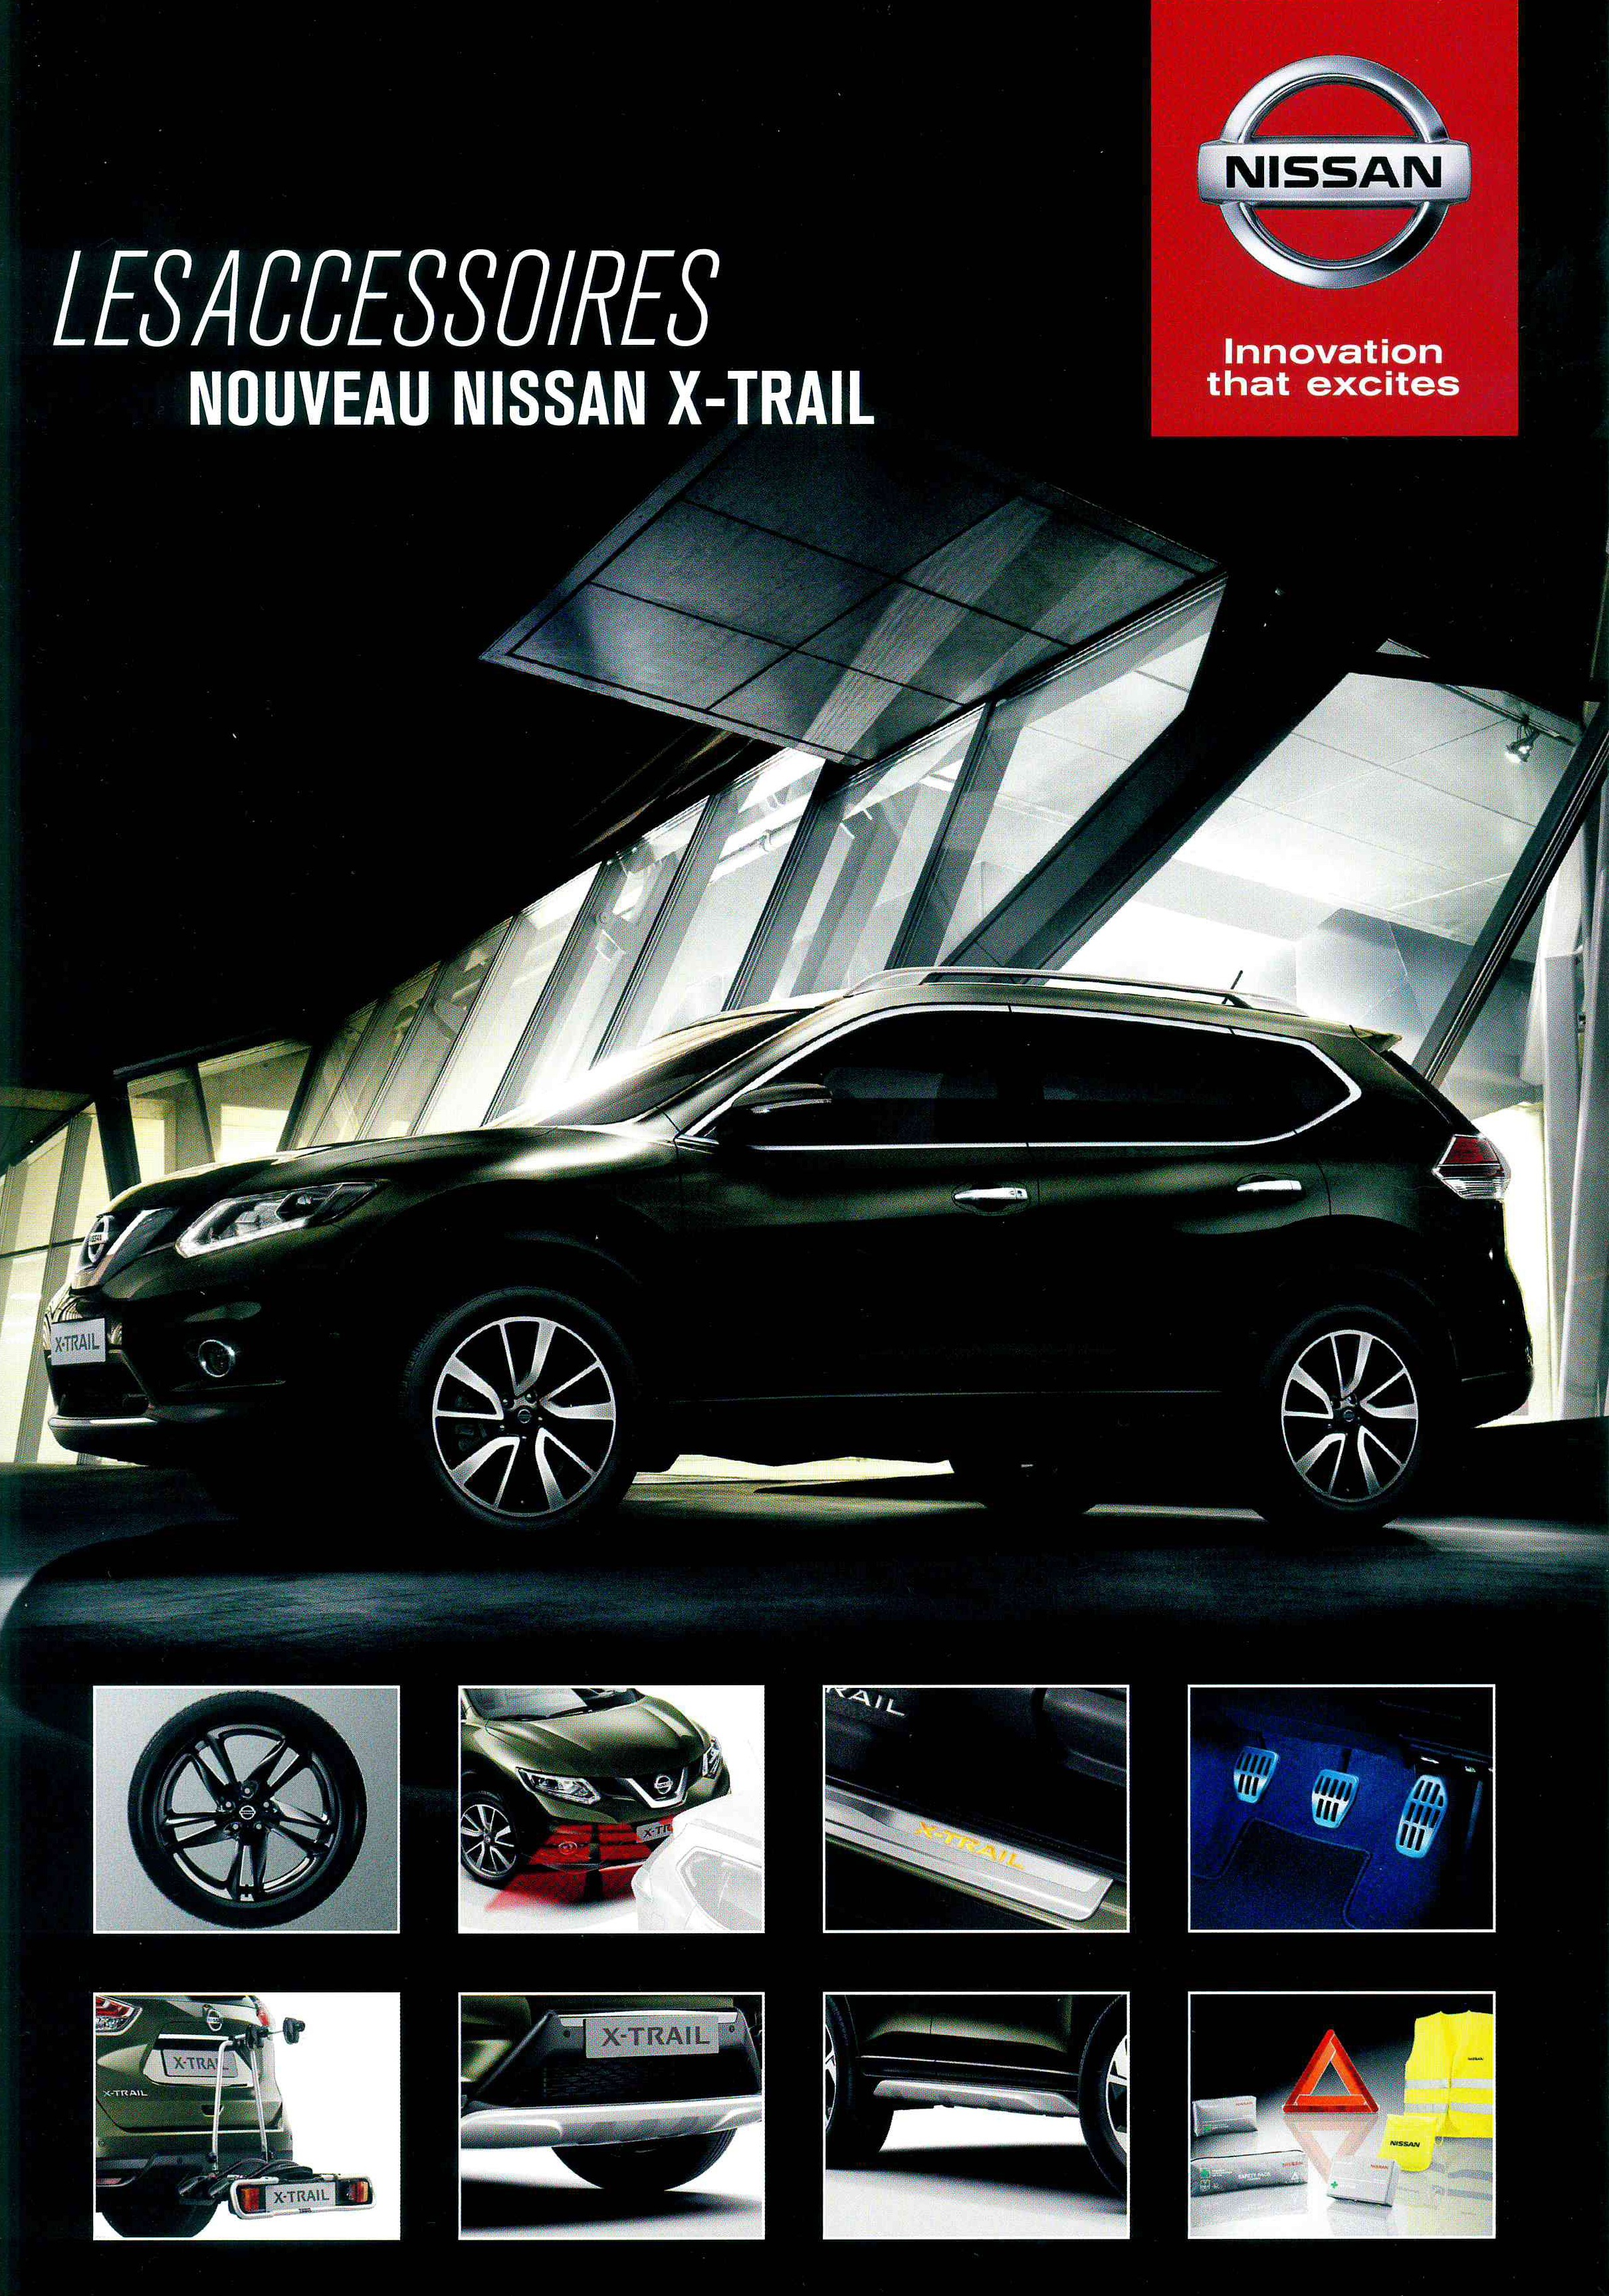 61dde1f328c Accessoires Nouveau X-trail chez Nissan Chartres